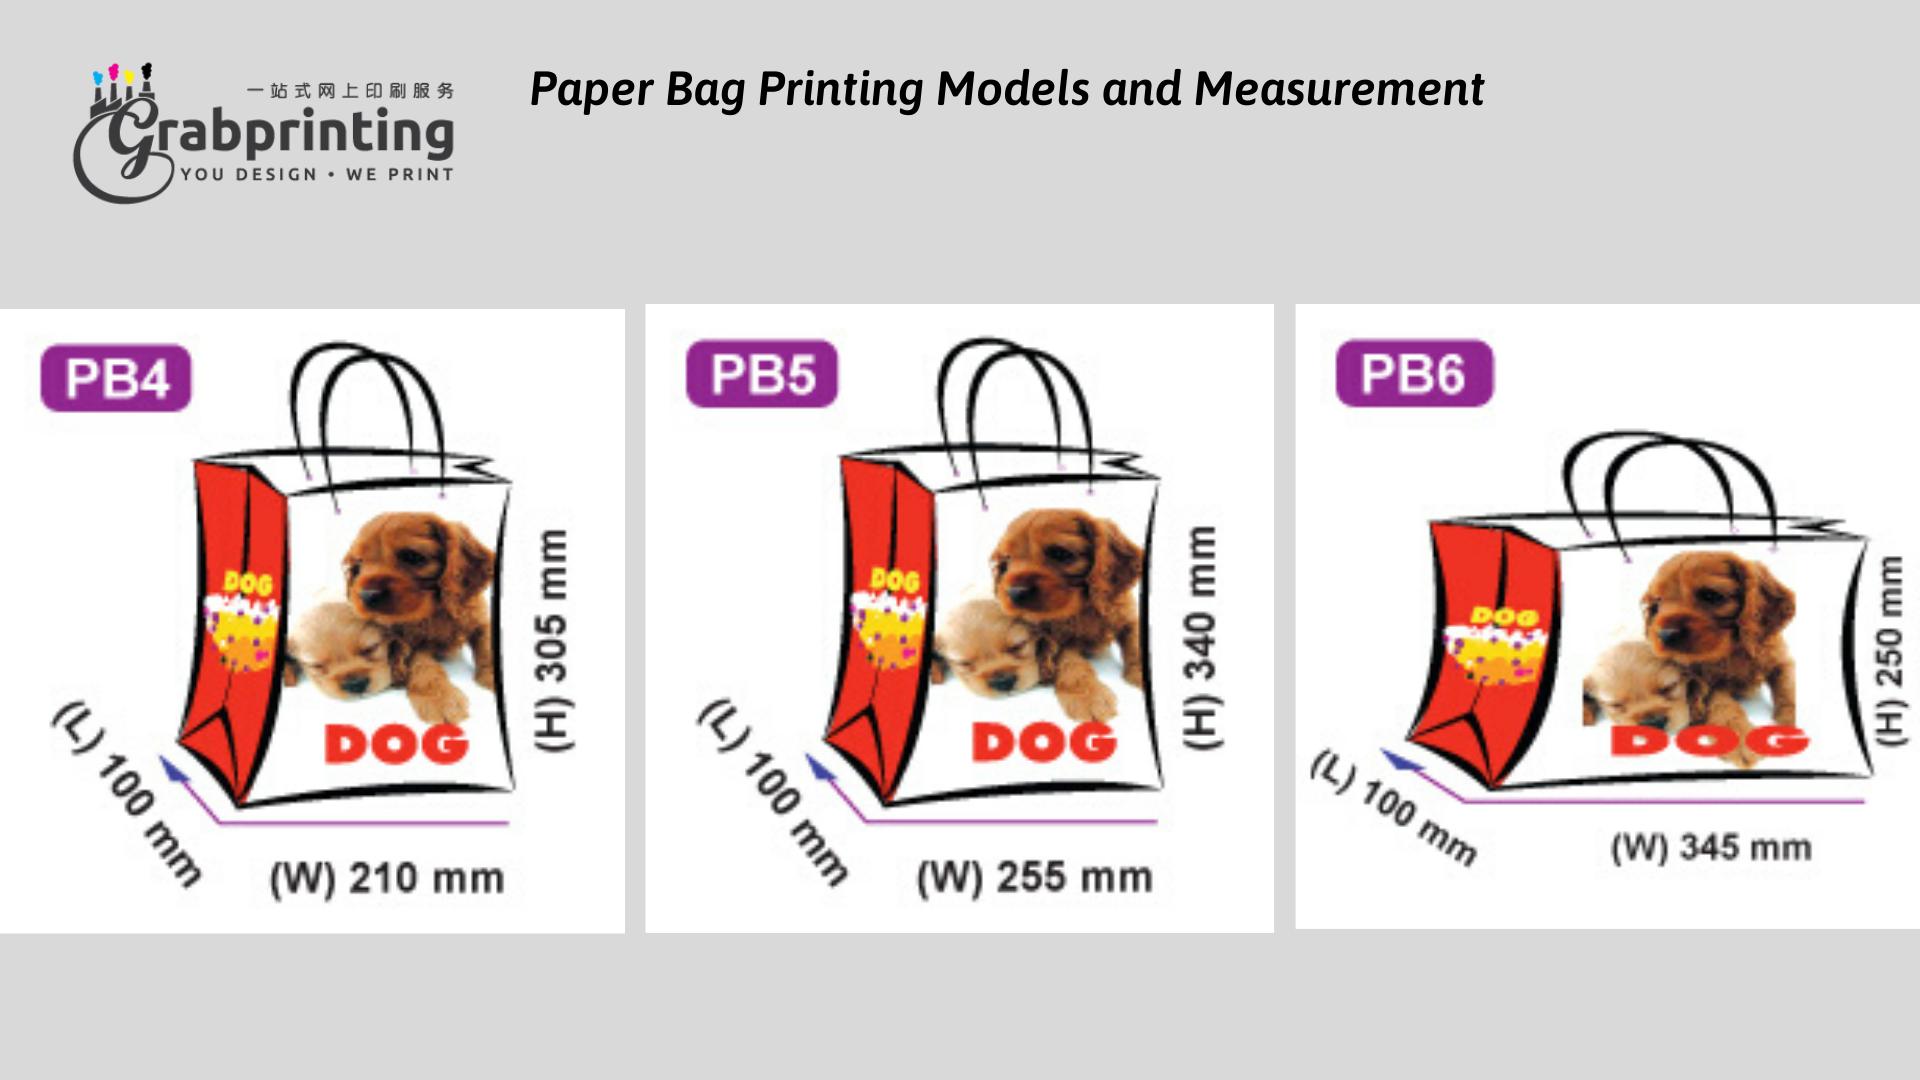 Kraft Paper Bag Printing Paper Bag Printing Models and Measurement 2